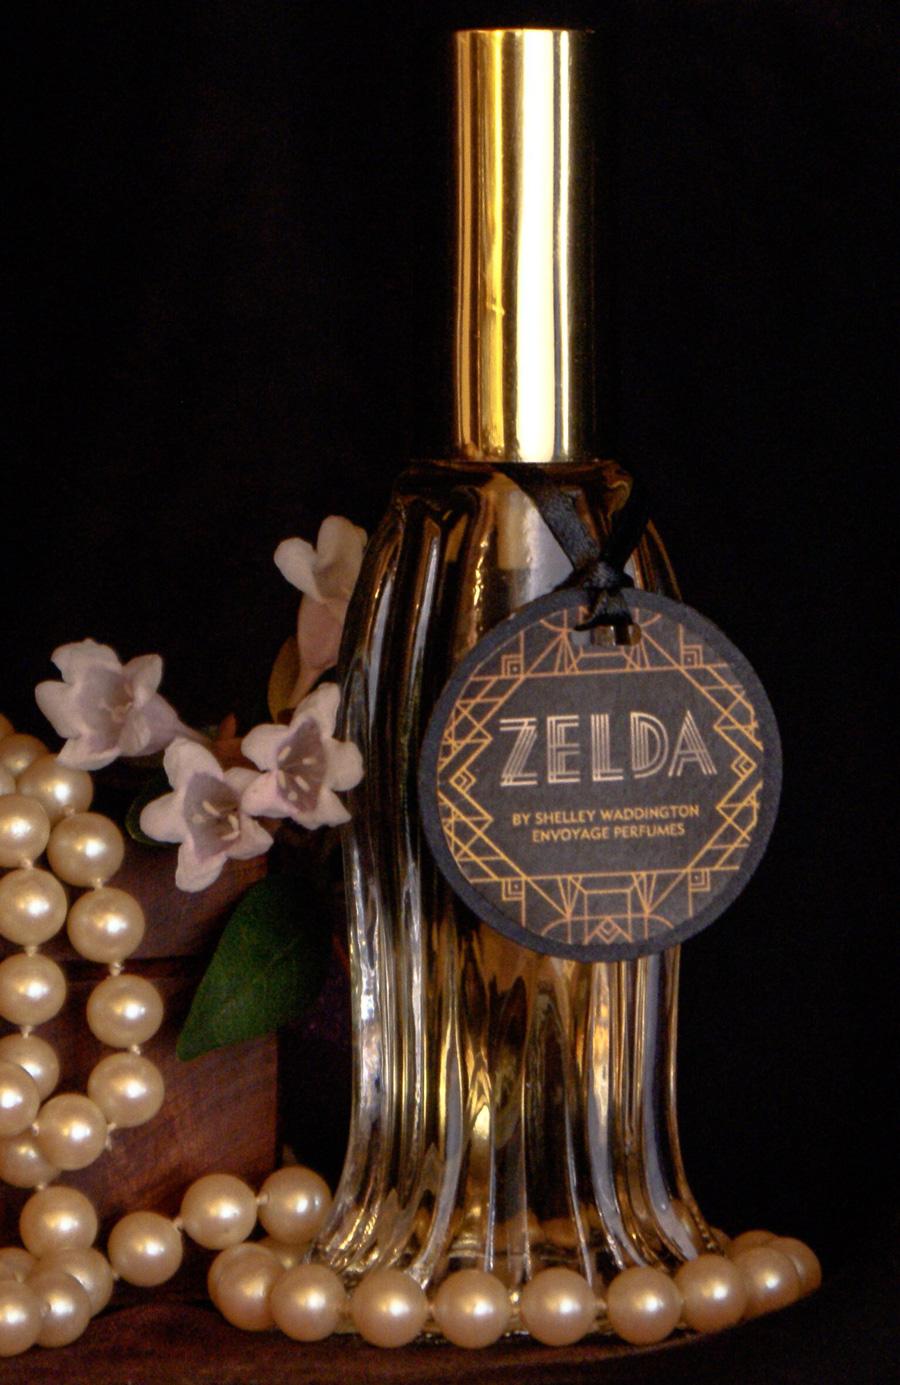 ZELDA by EnVoyage Perfumes